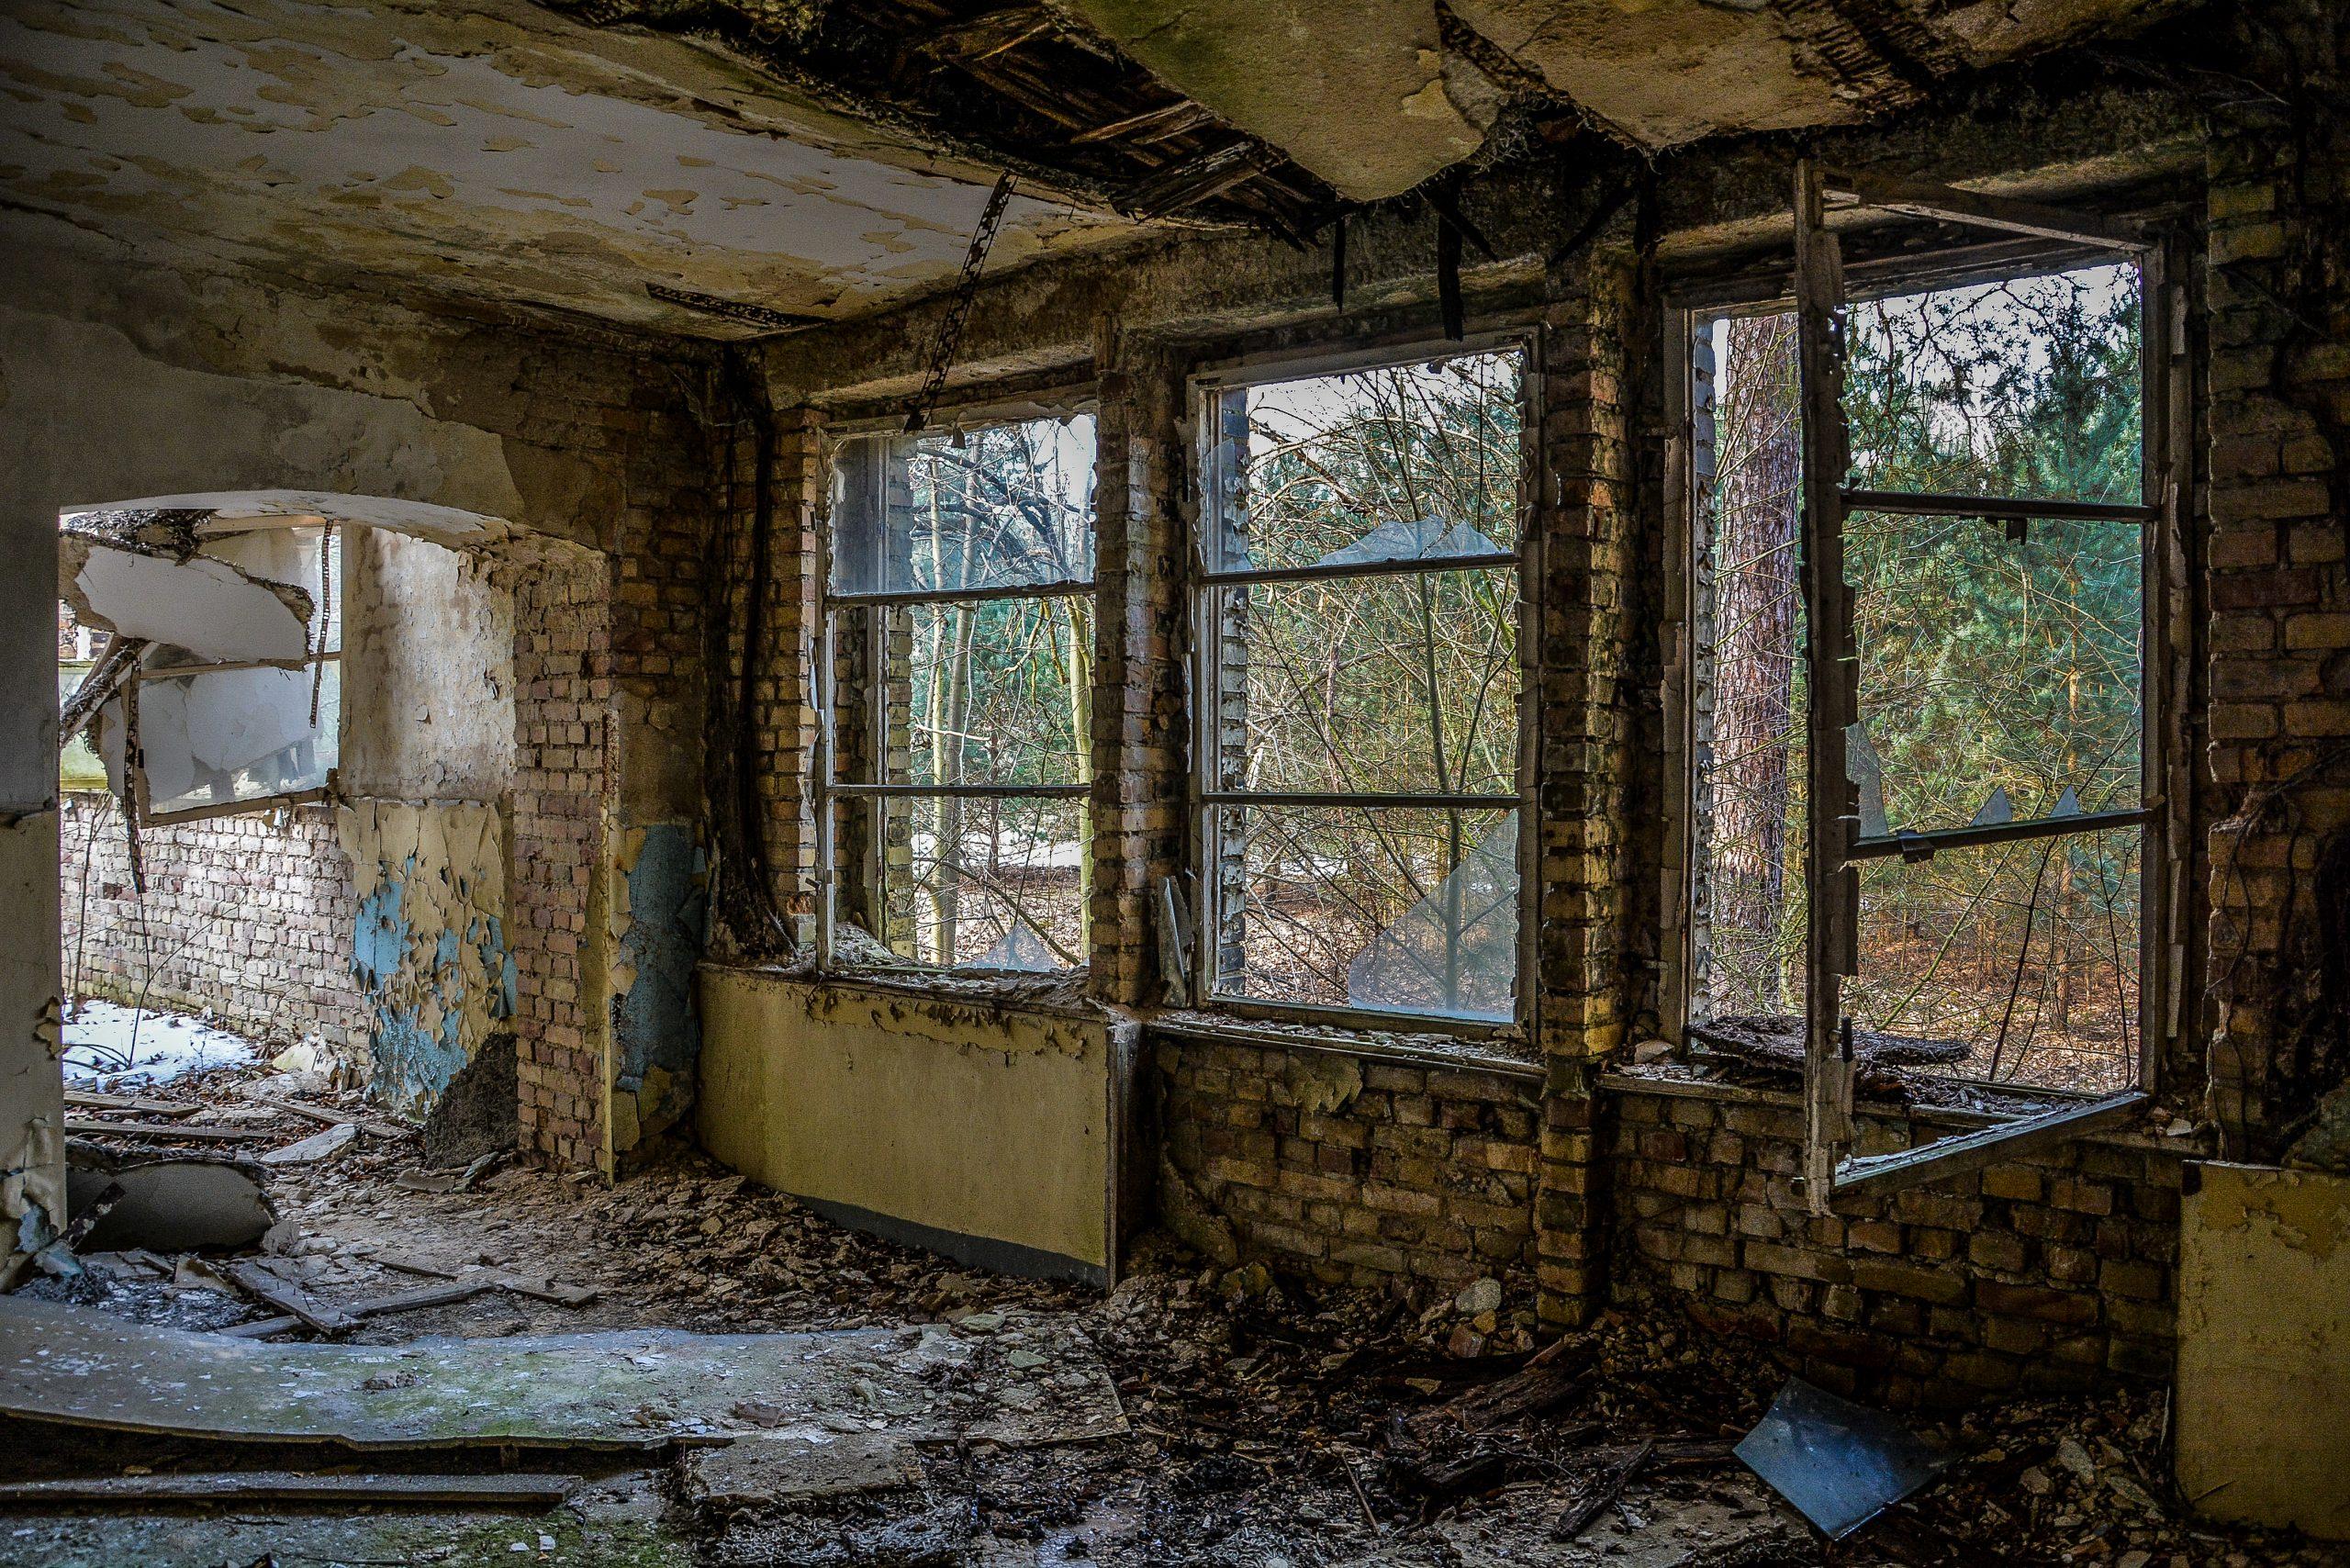 open window abandoned room offenes fenster zimmer forst zinna adolf hitler lager luckenwalde juterbog sowjet kaserne soviet military barracks germany lost places urbex abandoned